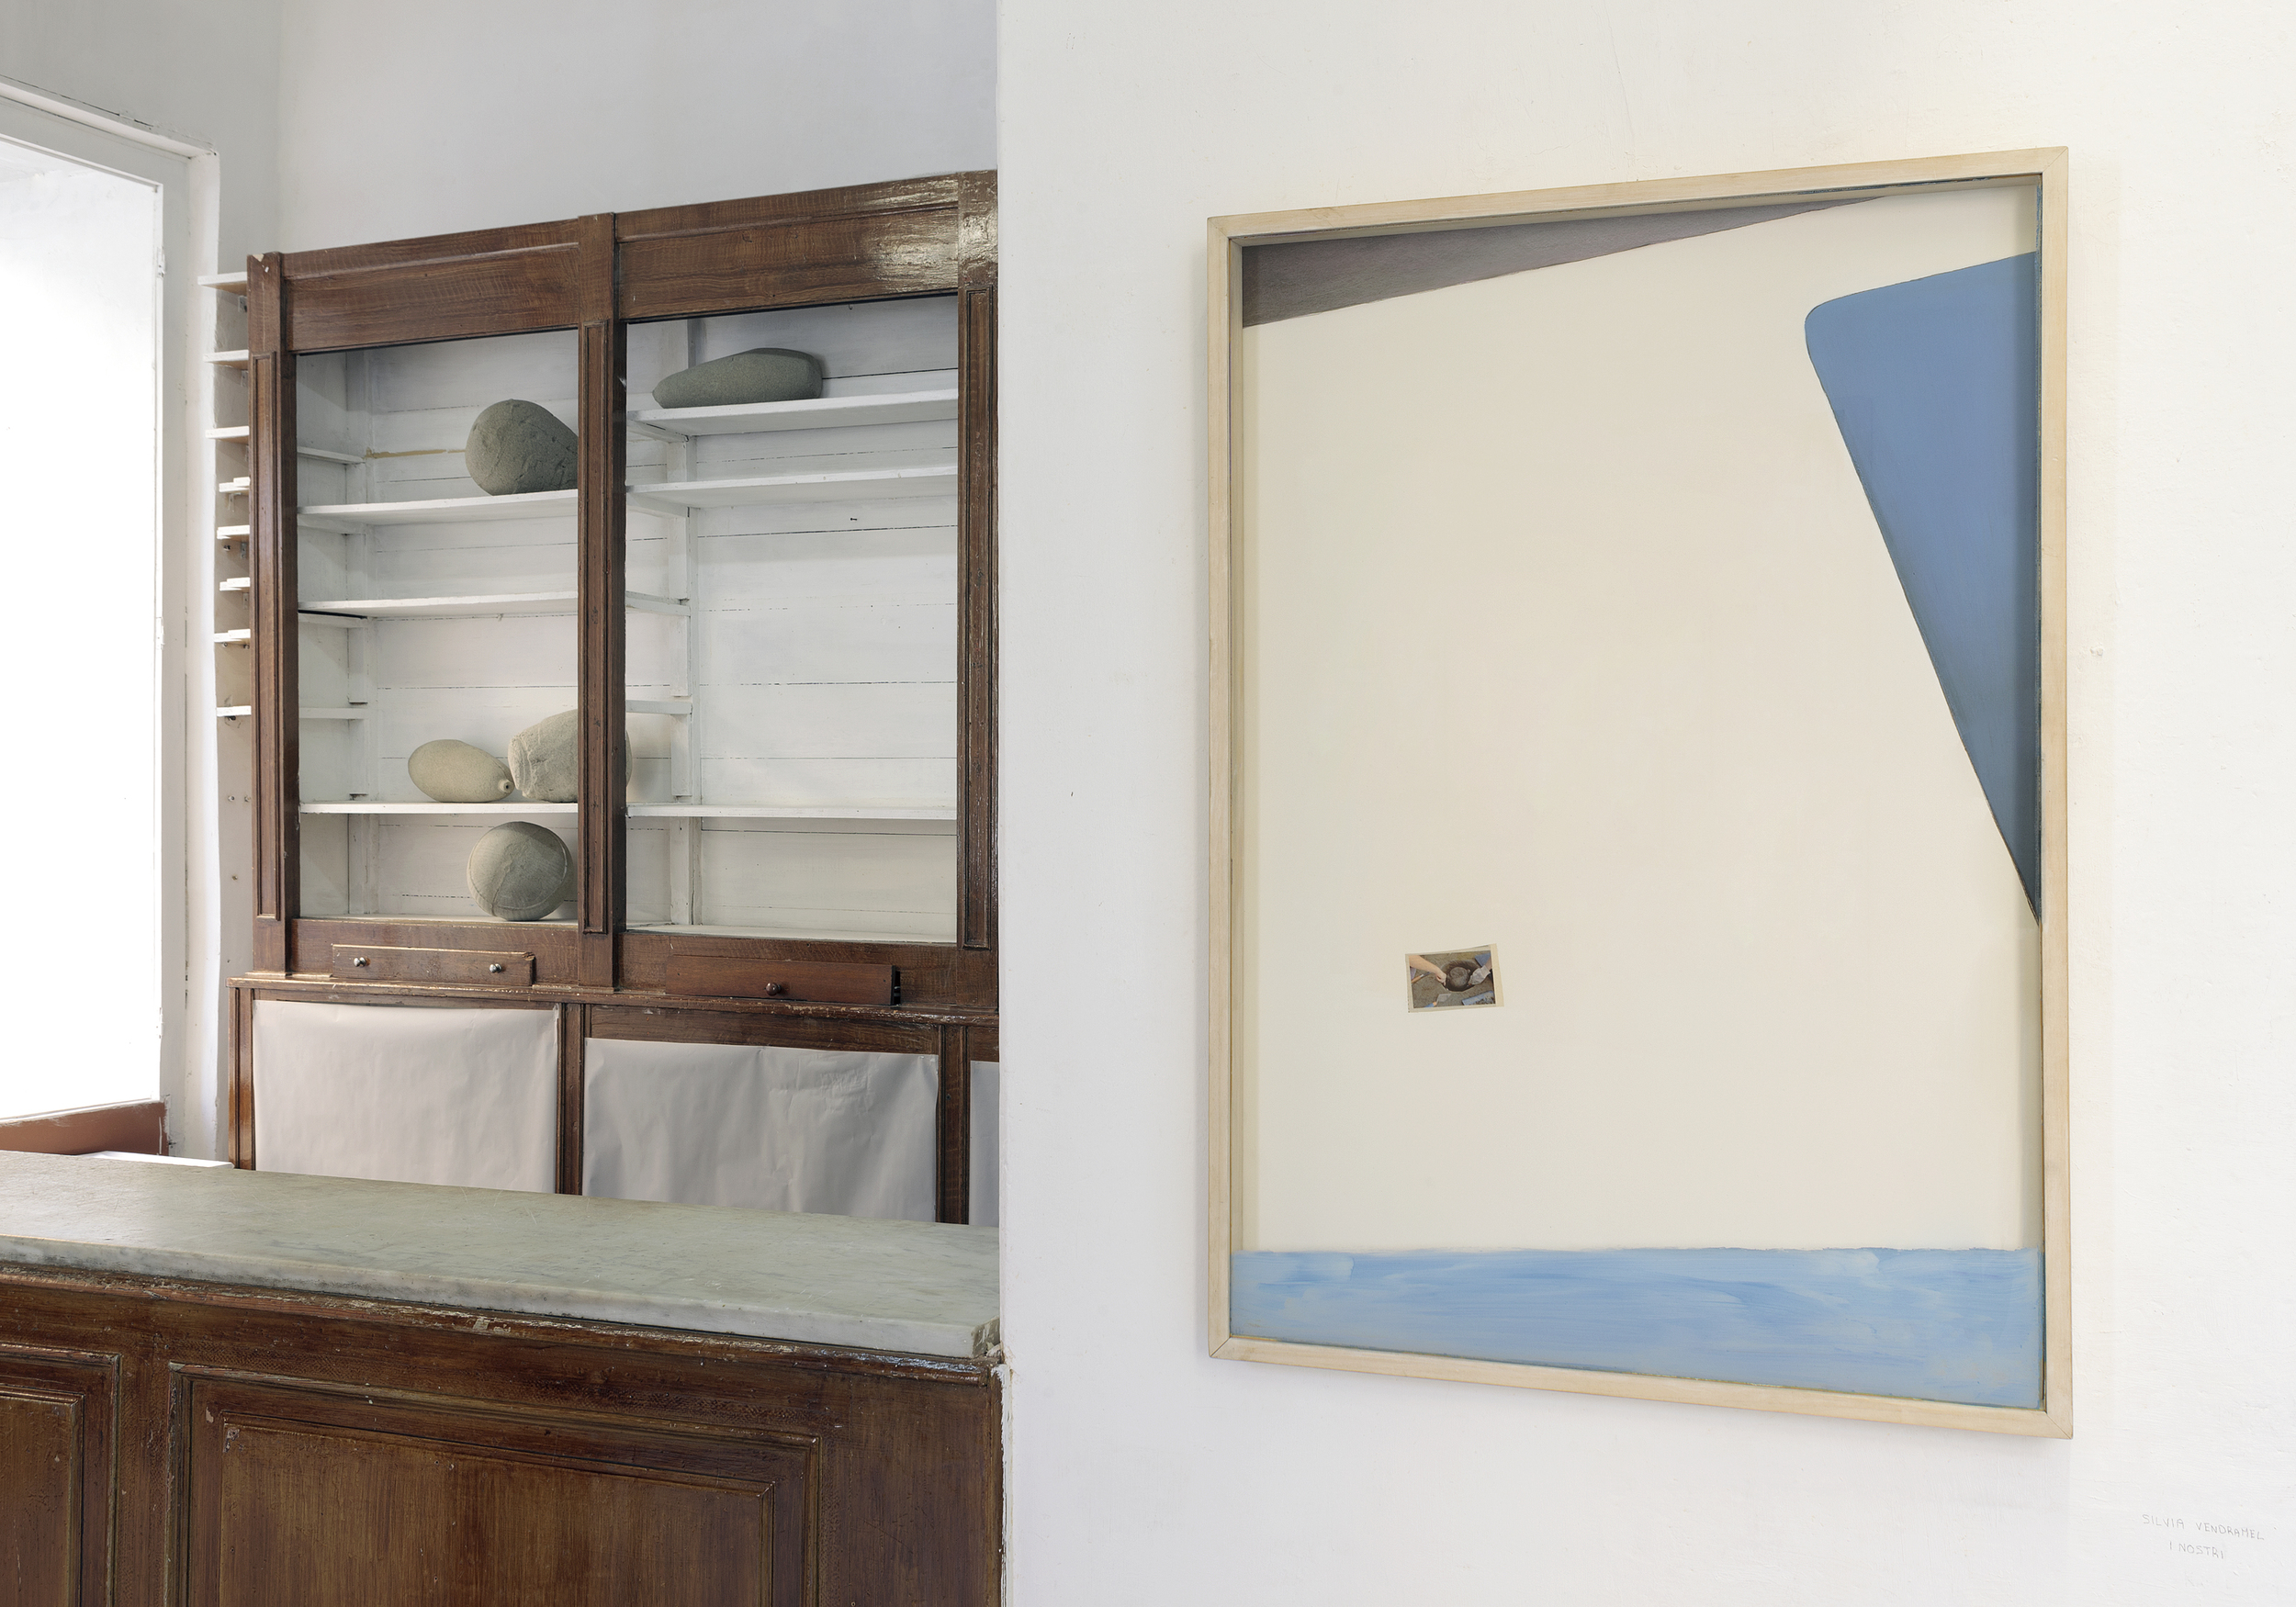 Visione parziale dell'esposizione  Dedans , a cura di Matteo Innocenti, Galleria Nicola Ricci